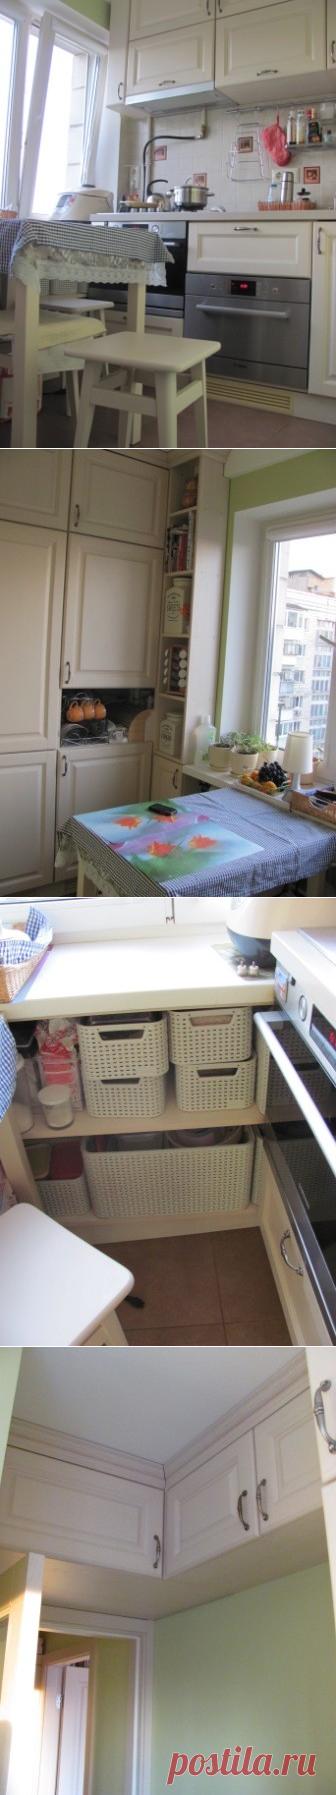 Очень маленькая кухня и два вопроса - Реактивные хозяйки